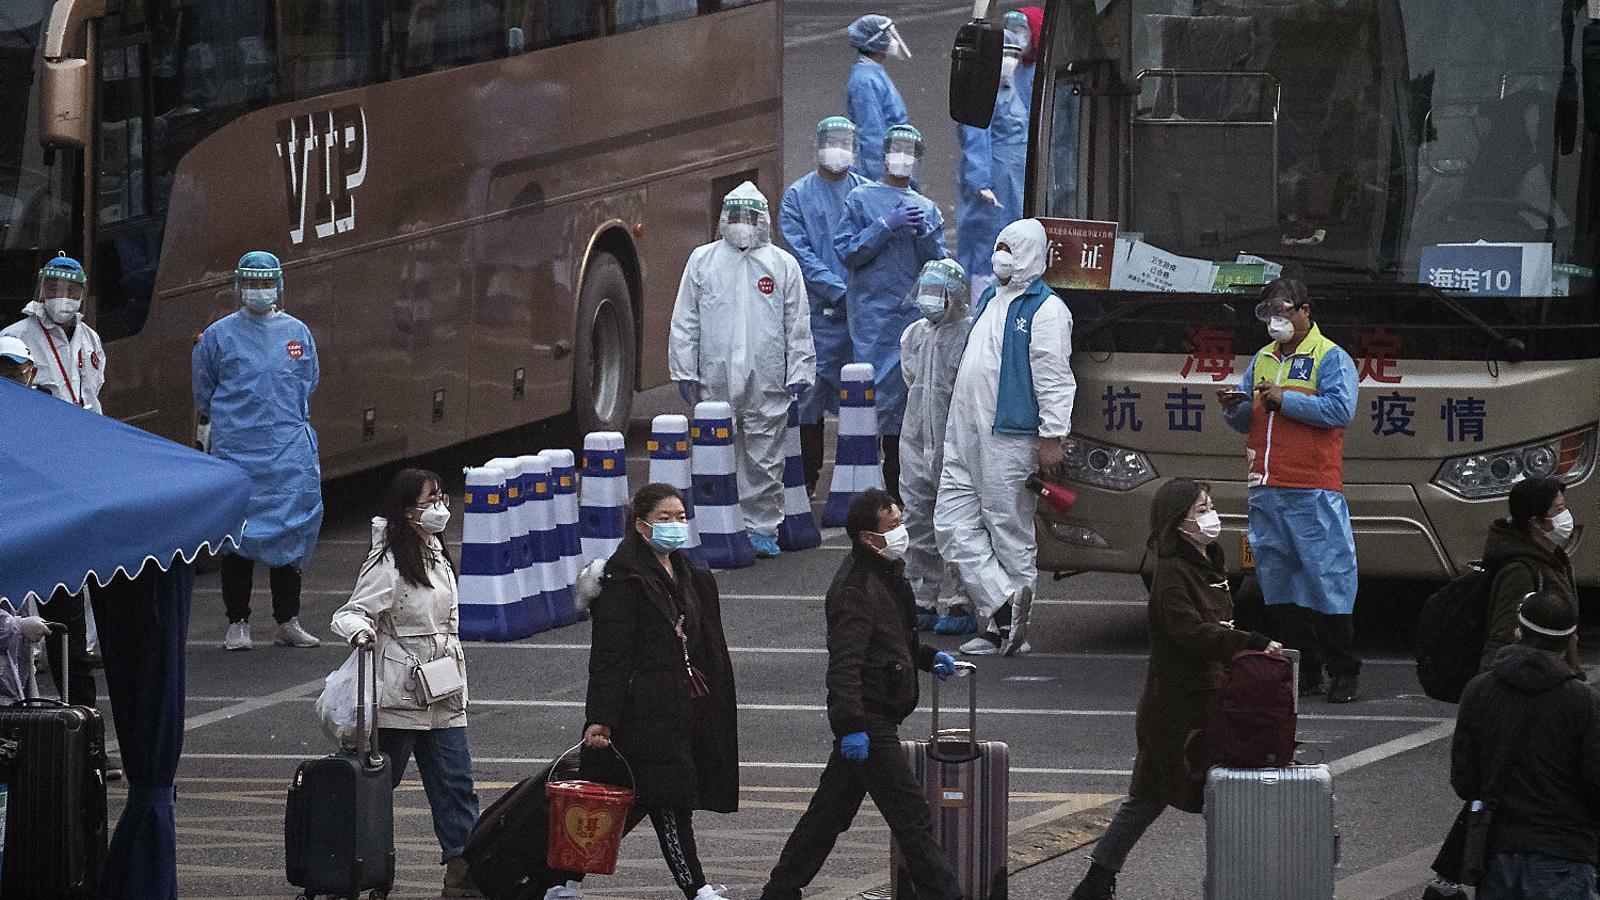 Lenta i llarga sortida del confinament a la Xina